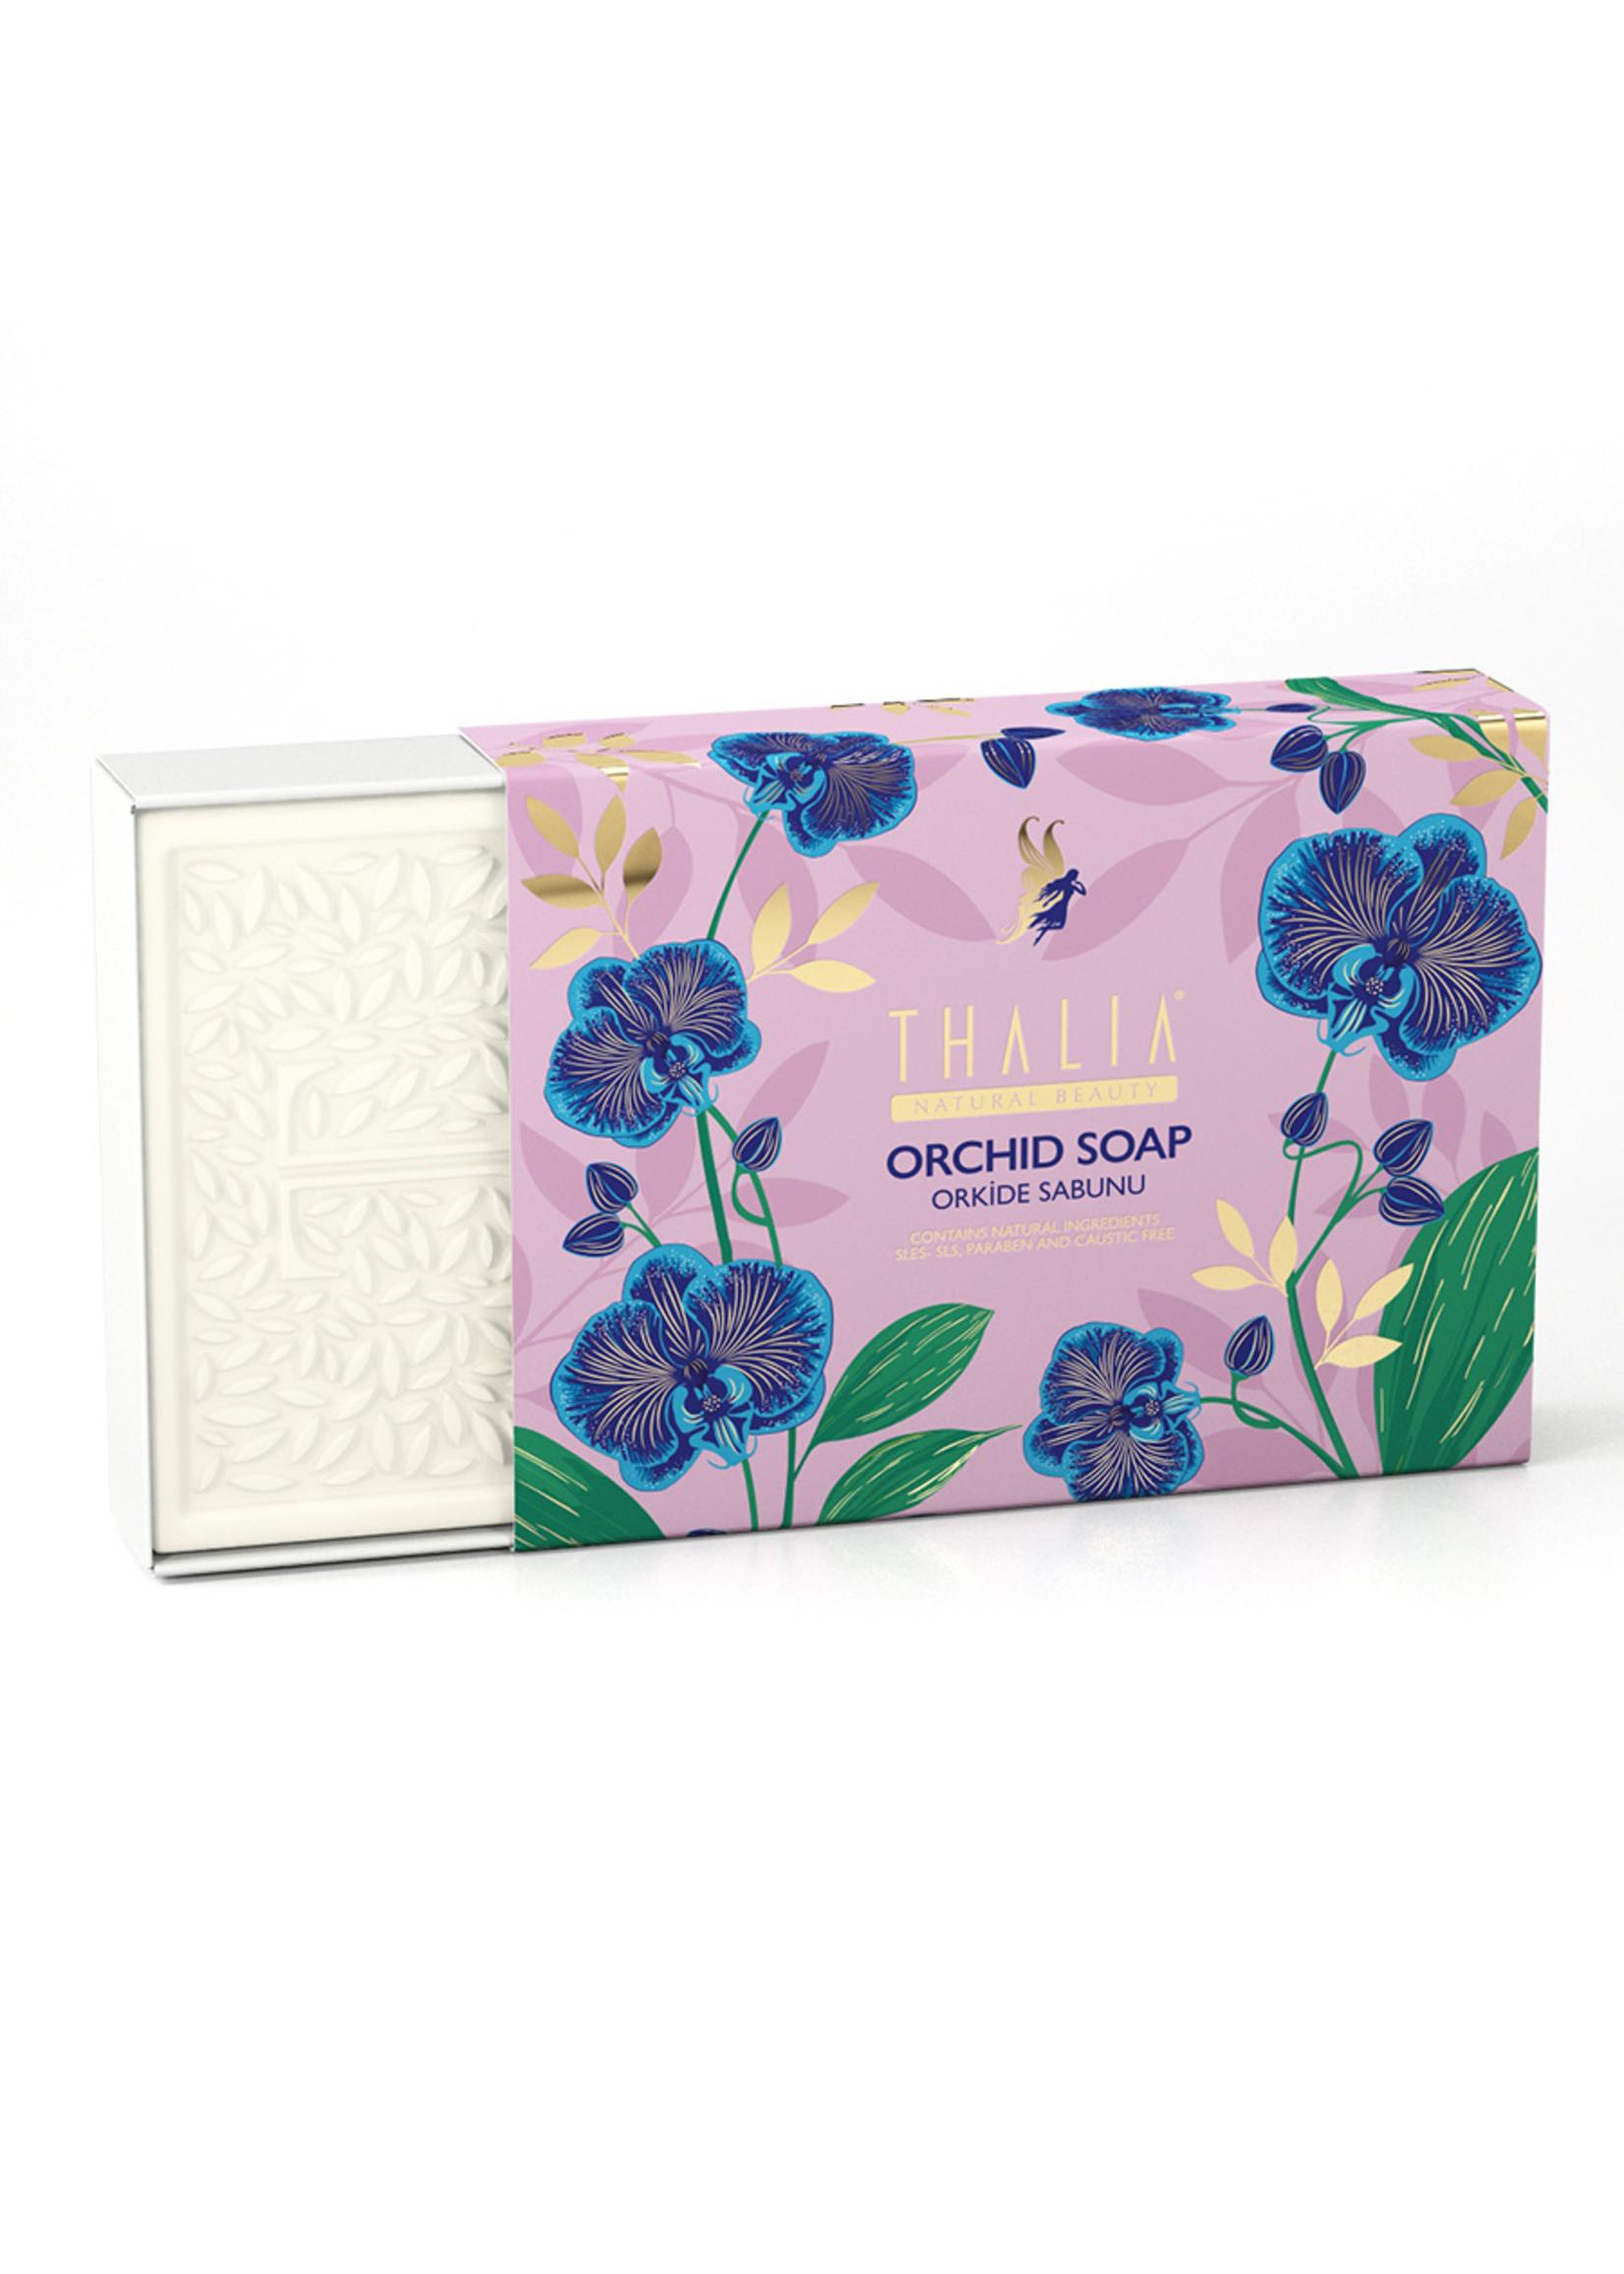 Orkide Çiçeği Sabunu - 150 gr